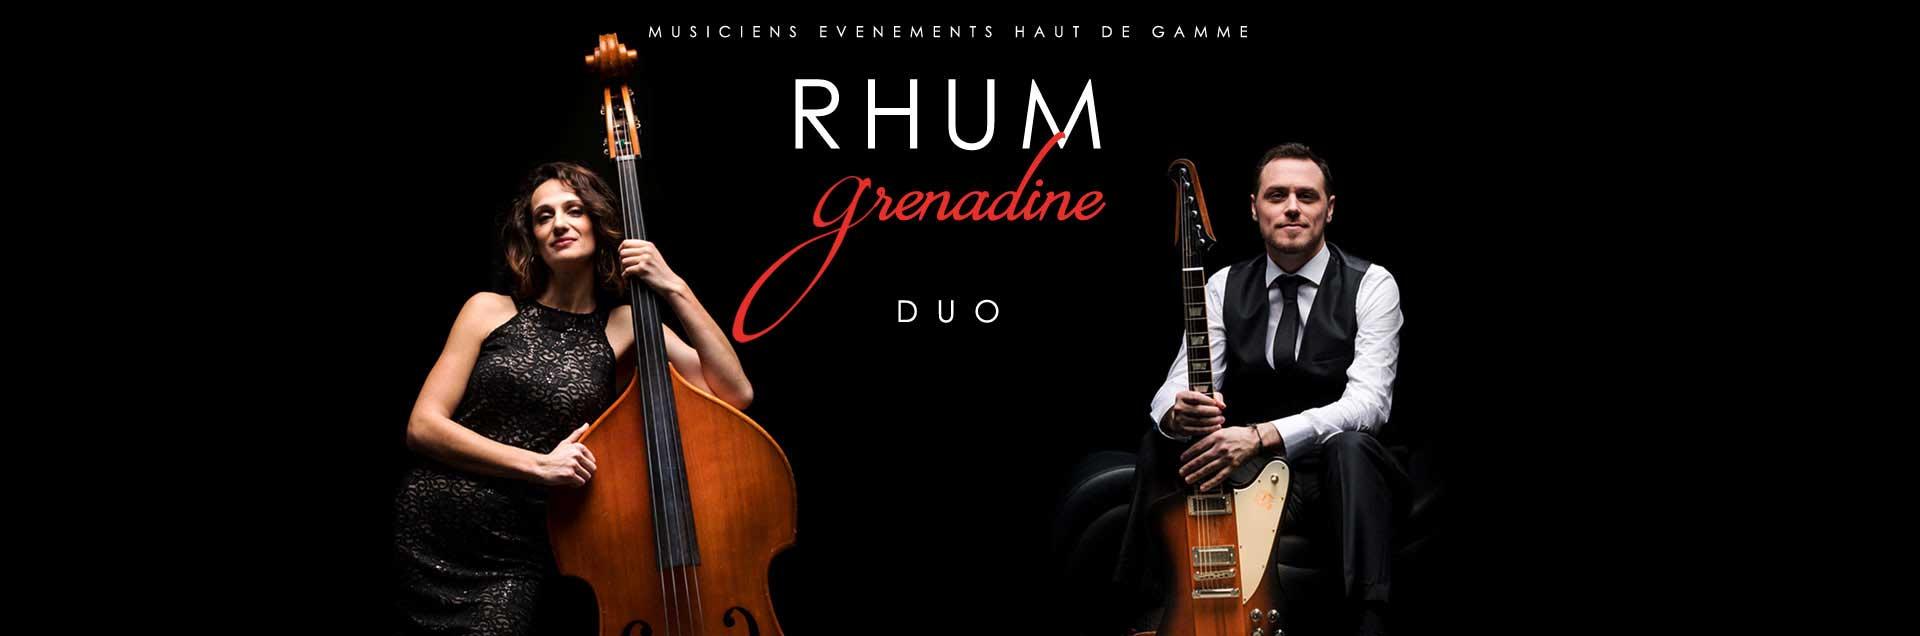 Groupe de musique mariage, événements haut de gamme Montpellier et Sud de la France.